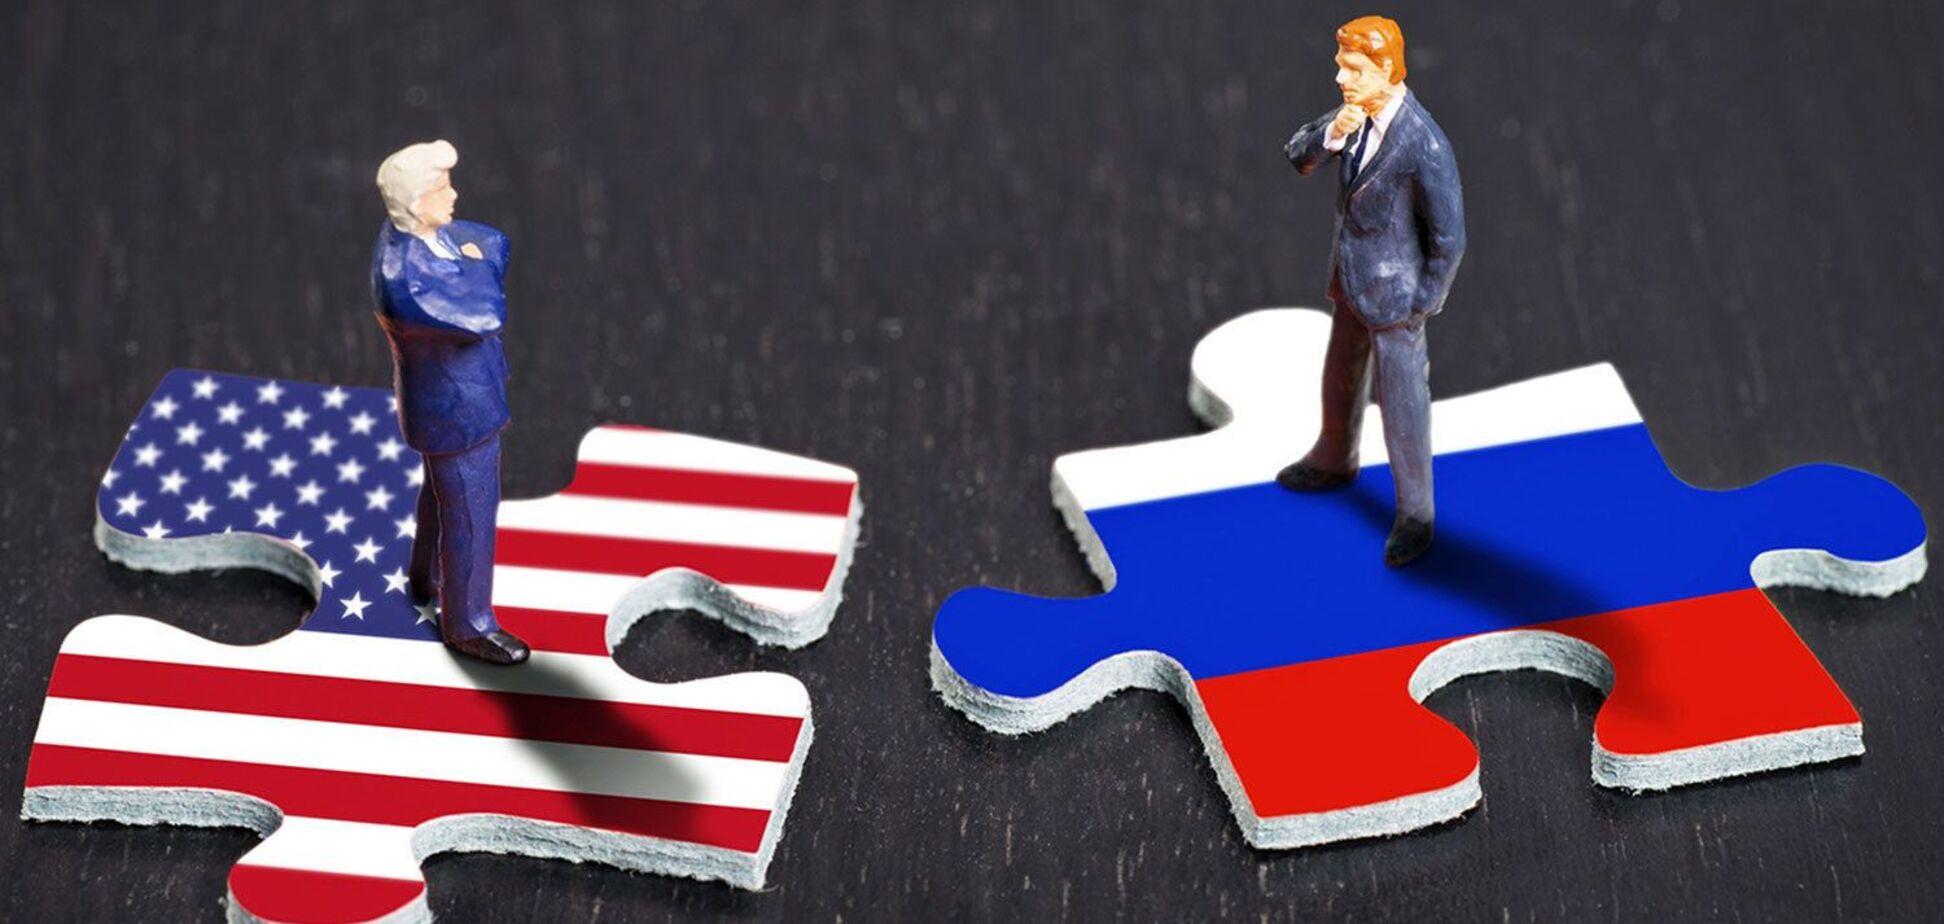 США можуть не ввести санкції проти Росії через позицію Дональда Трампа